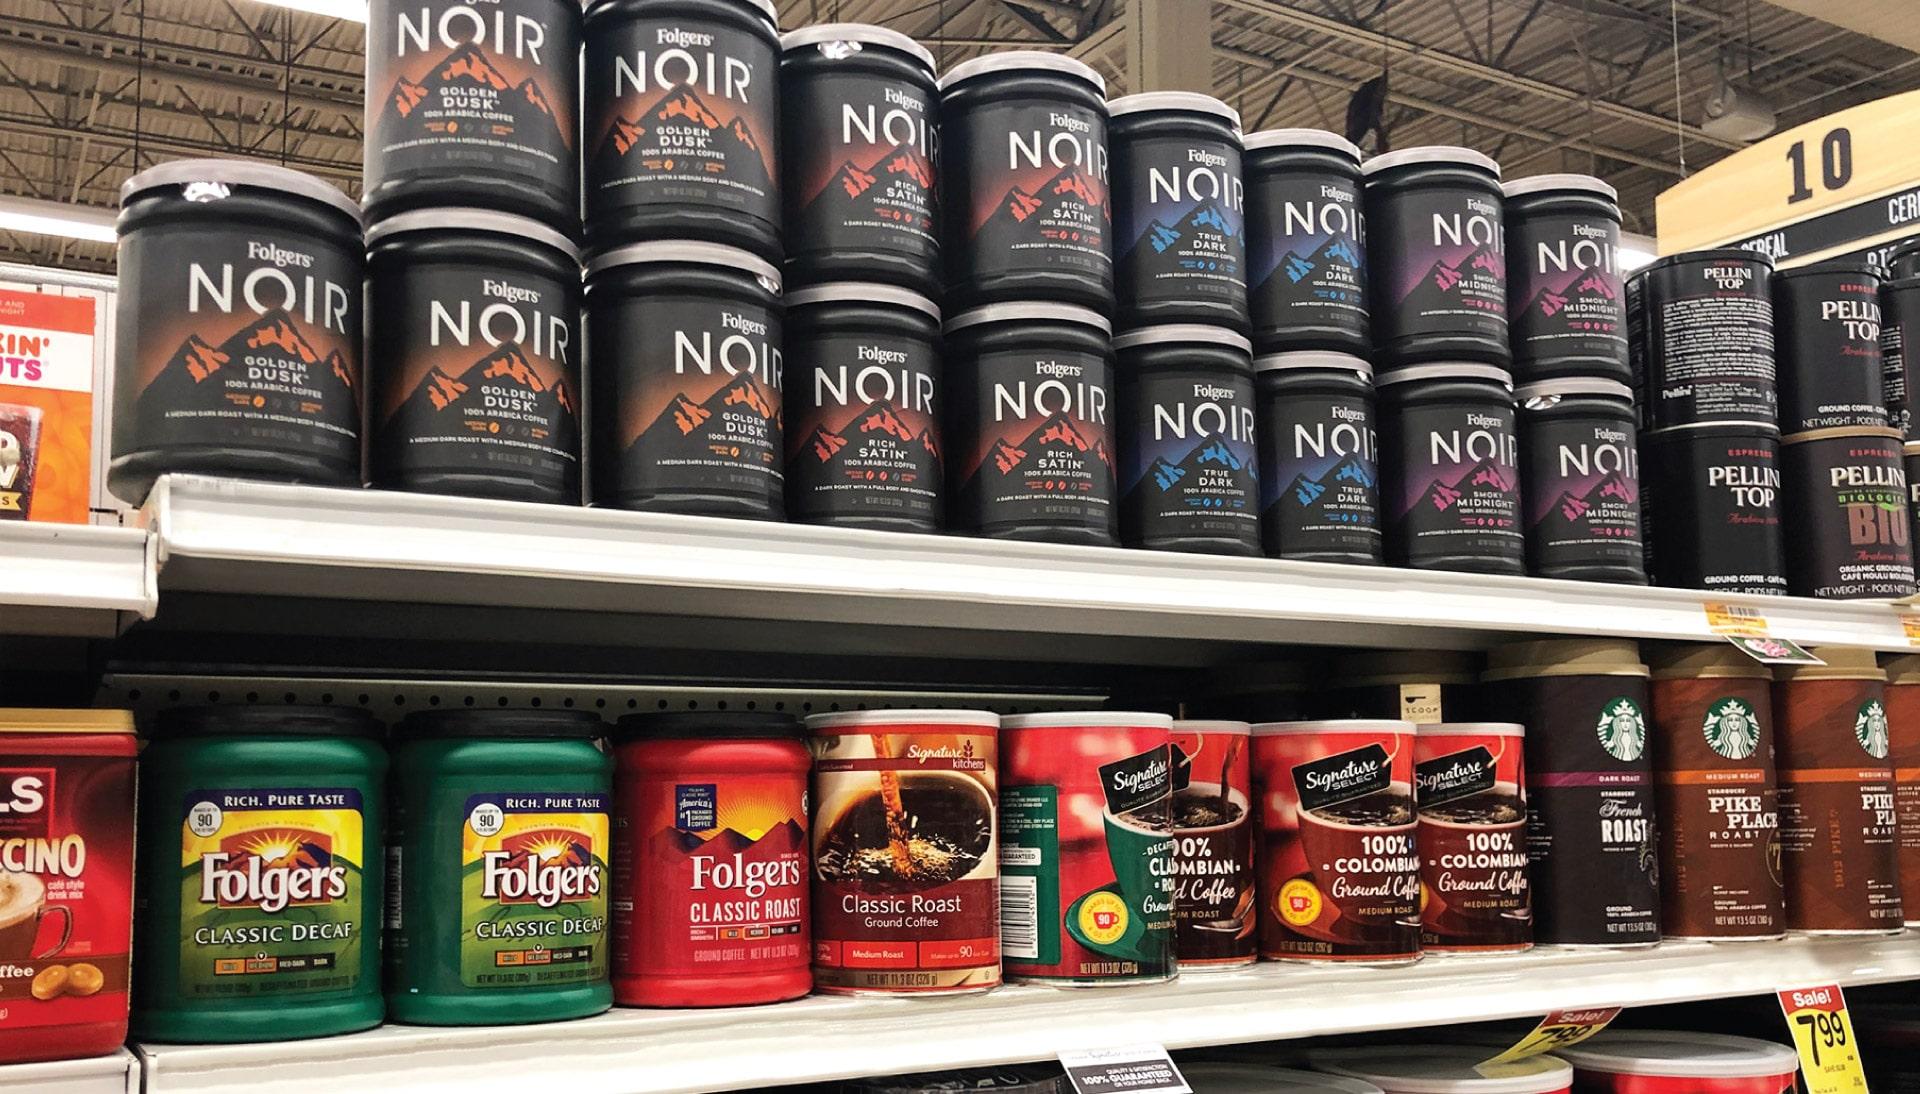 Folgers Noir - In-Store Packaging